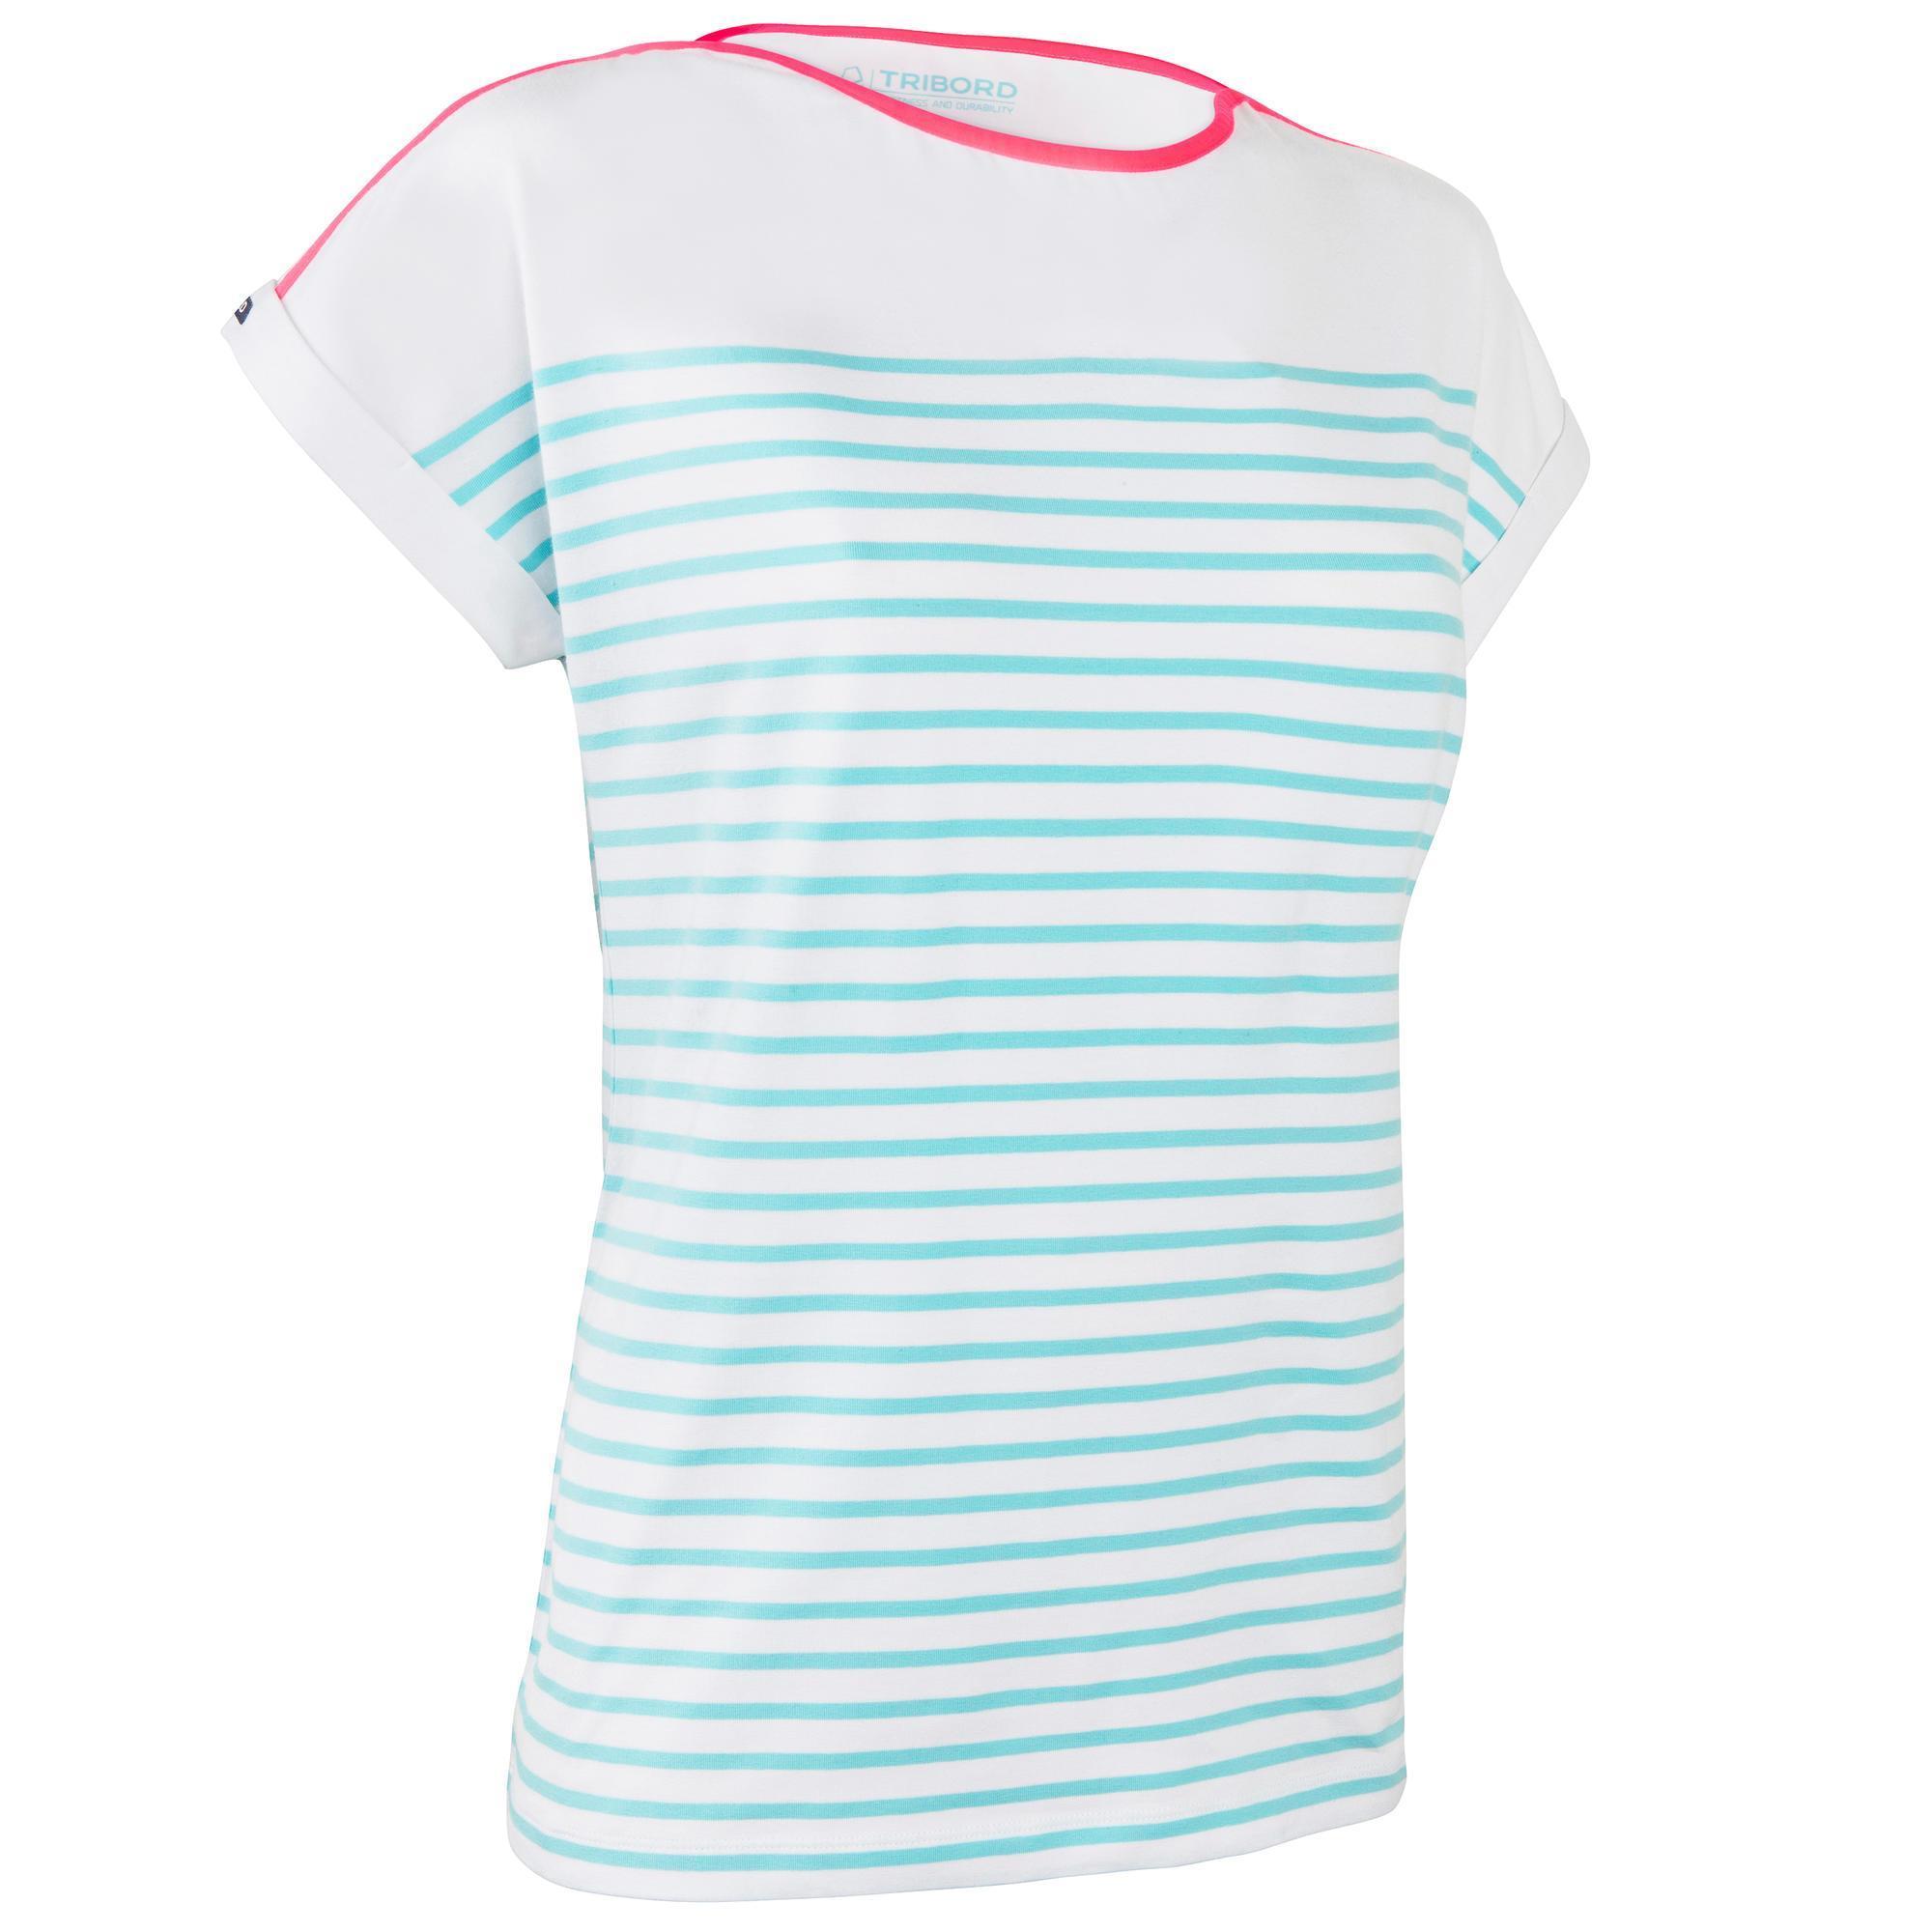 Comprar Camisas y Polos Náuticos Online  dfa851b8b63